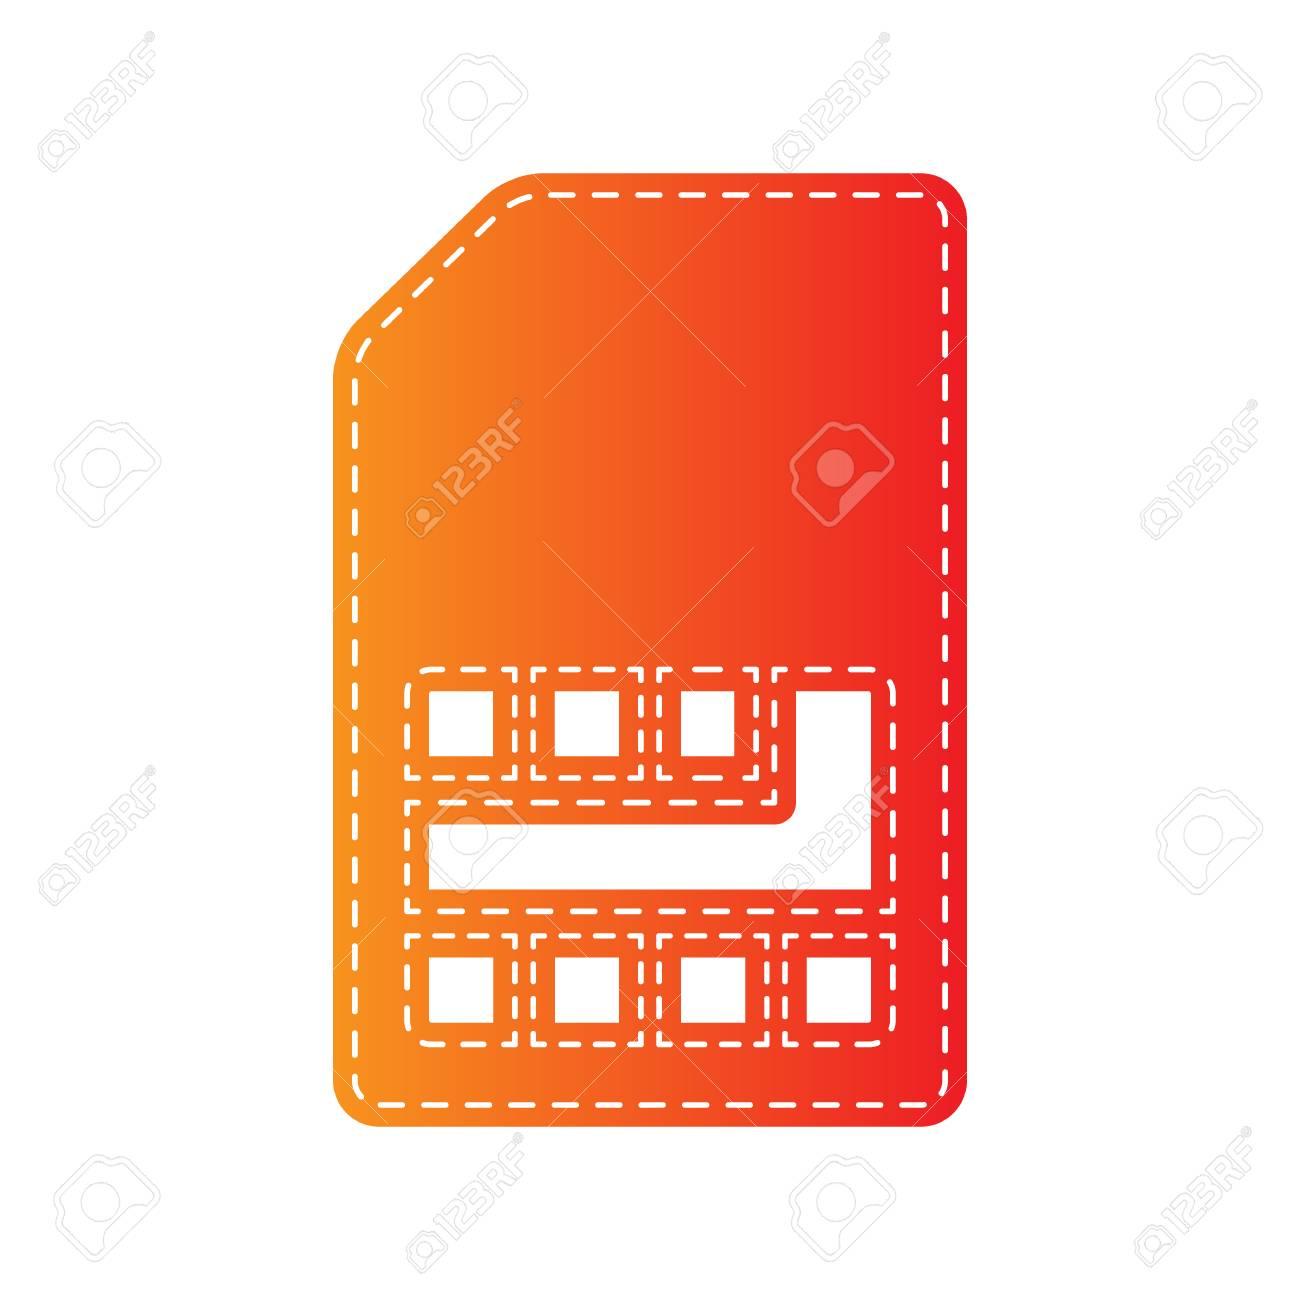 Signe De Carte Sim Orange Applique Isole Clip Art Libres De Droits Vecteurs Et Illustration Image 59304573